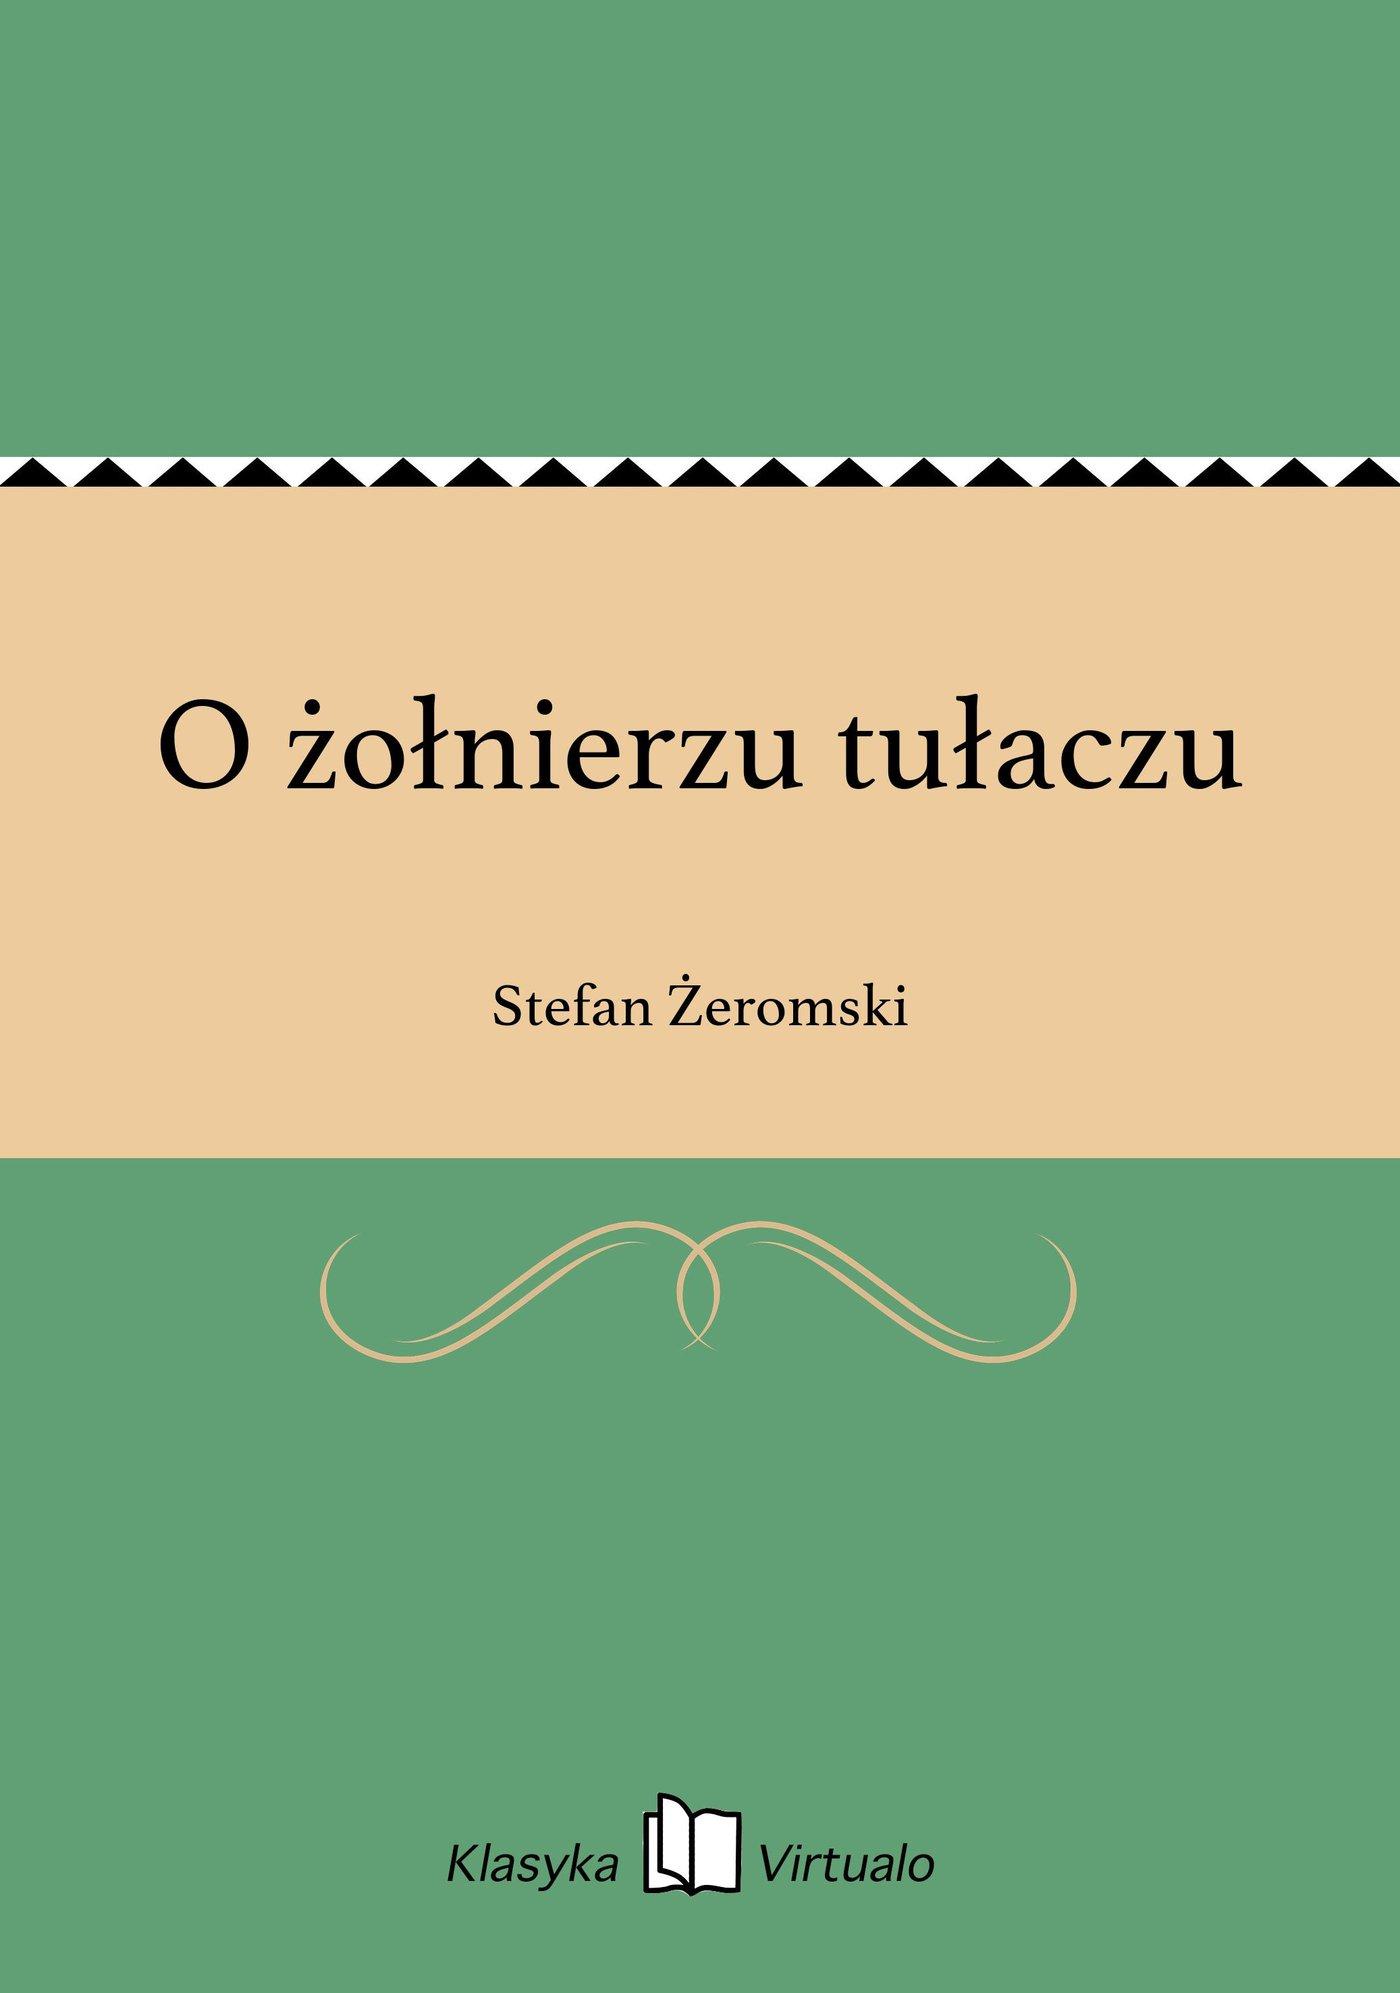 O żołnierzu tułaczu - Ebook (Książka EPUB) do pobrania w formacie EPUB